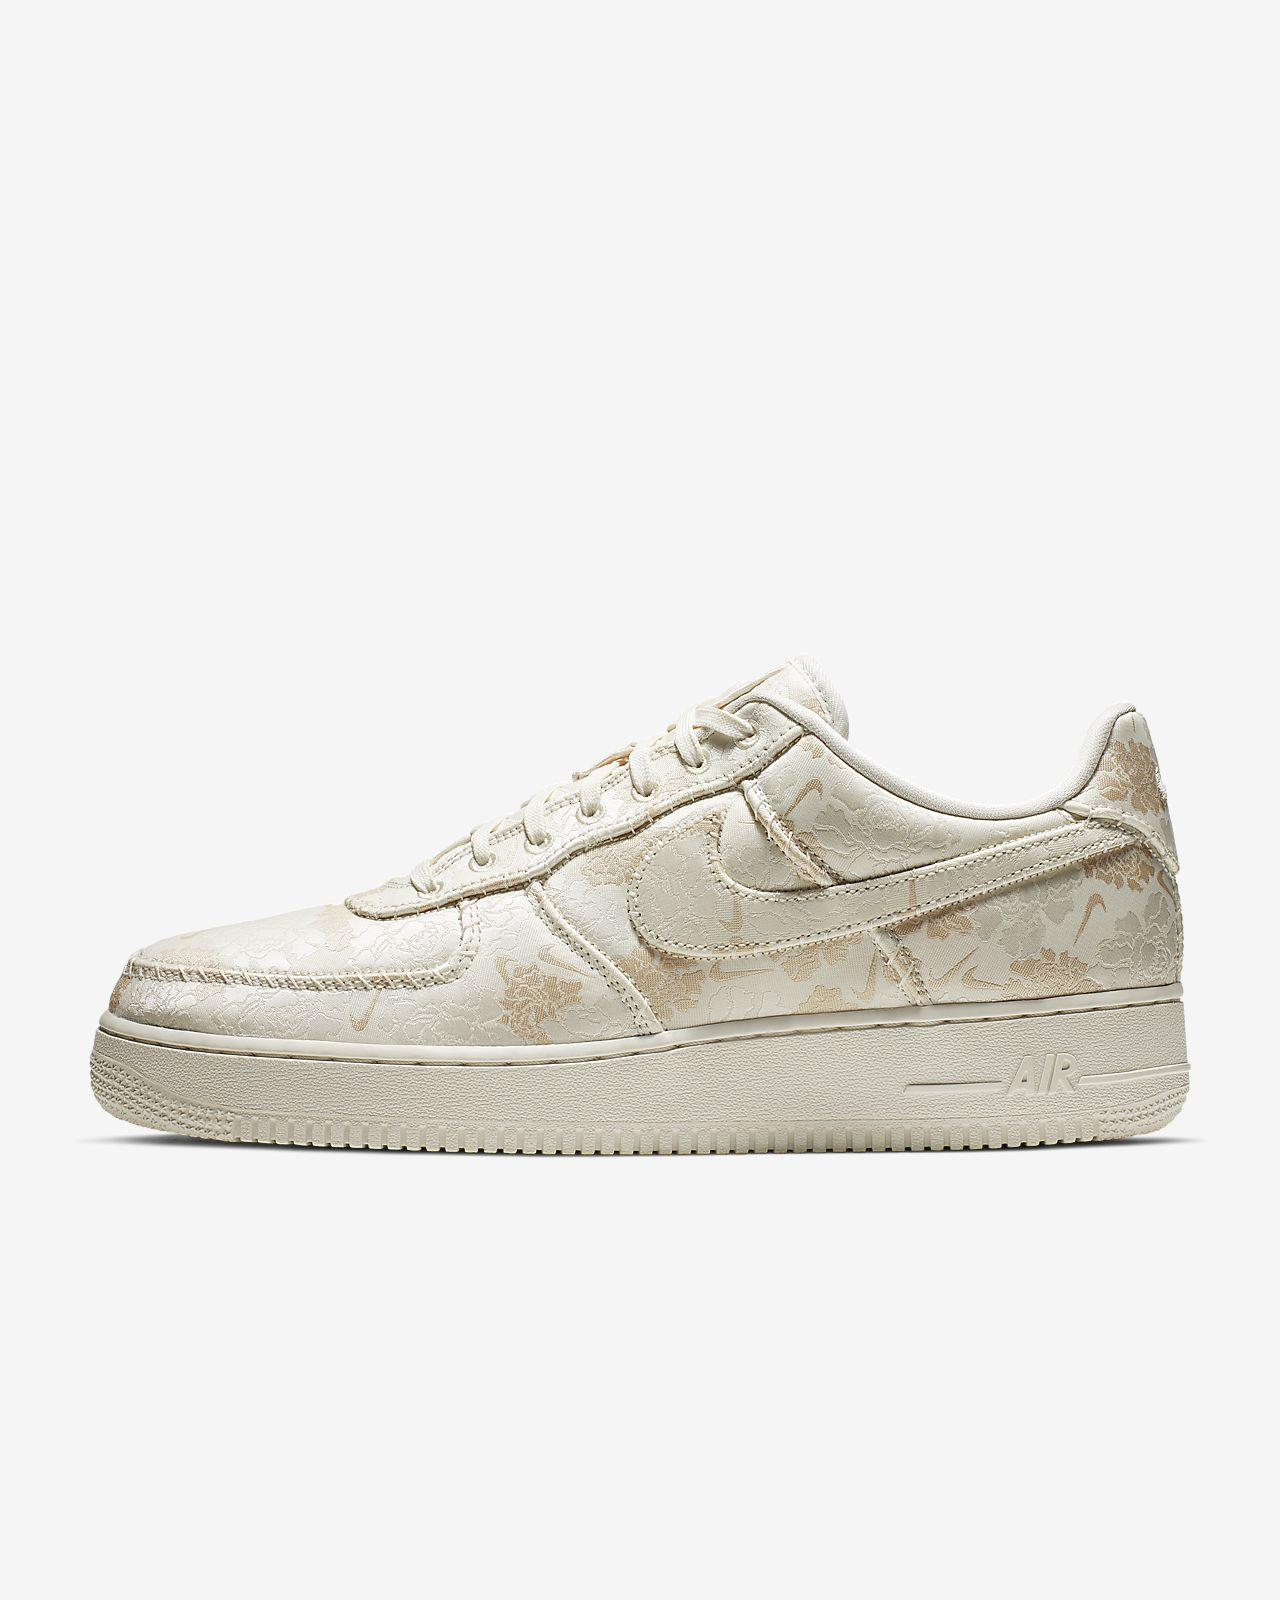 รองเท้าผู้ชาย Nike Air Force 1 '07 Premium 3